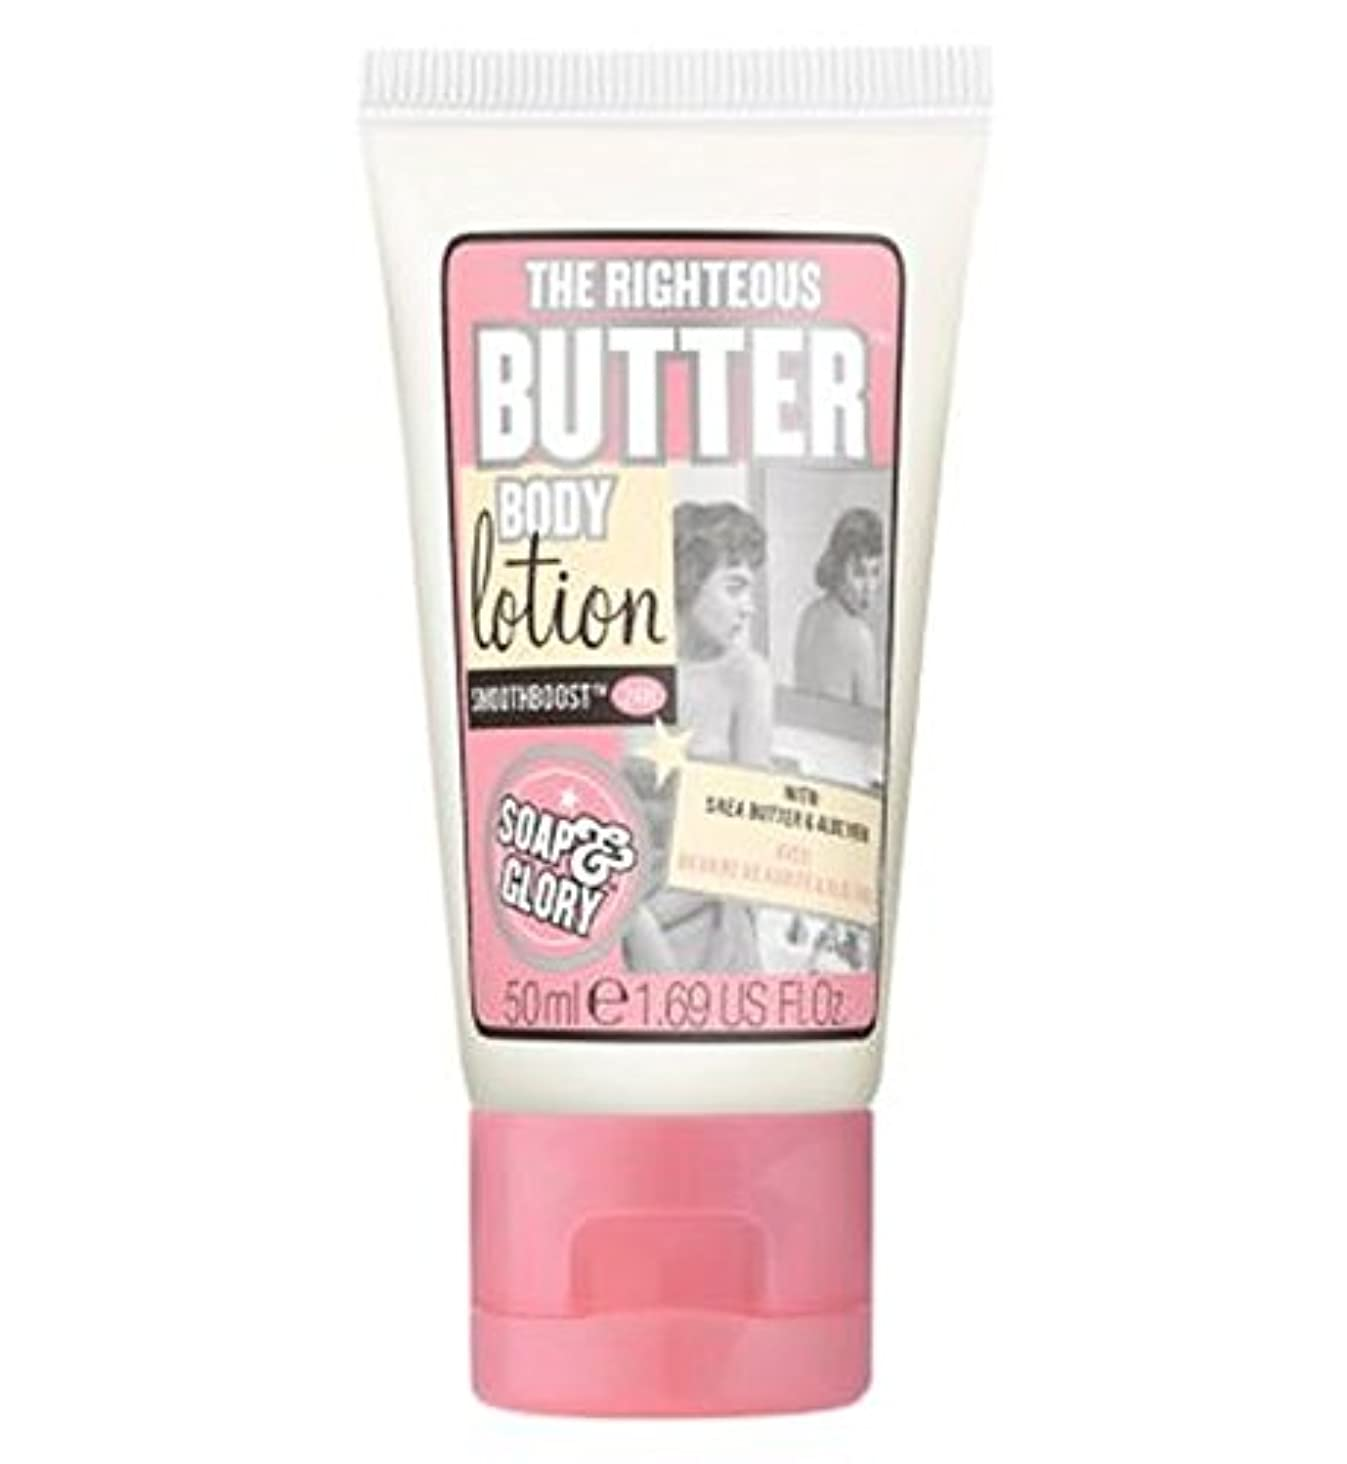 ヒップ文字通りスリラー石鹸&栄光正義のバターローション50ミリリットル (Soap & Glory) (x2) - Soap & Glory The Righteous Butter Lotion 50ml (Pack of 2) [並行輸入品]